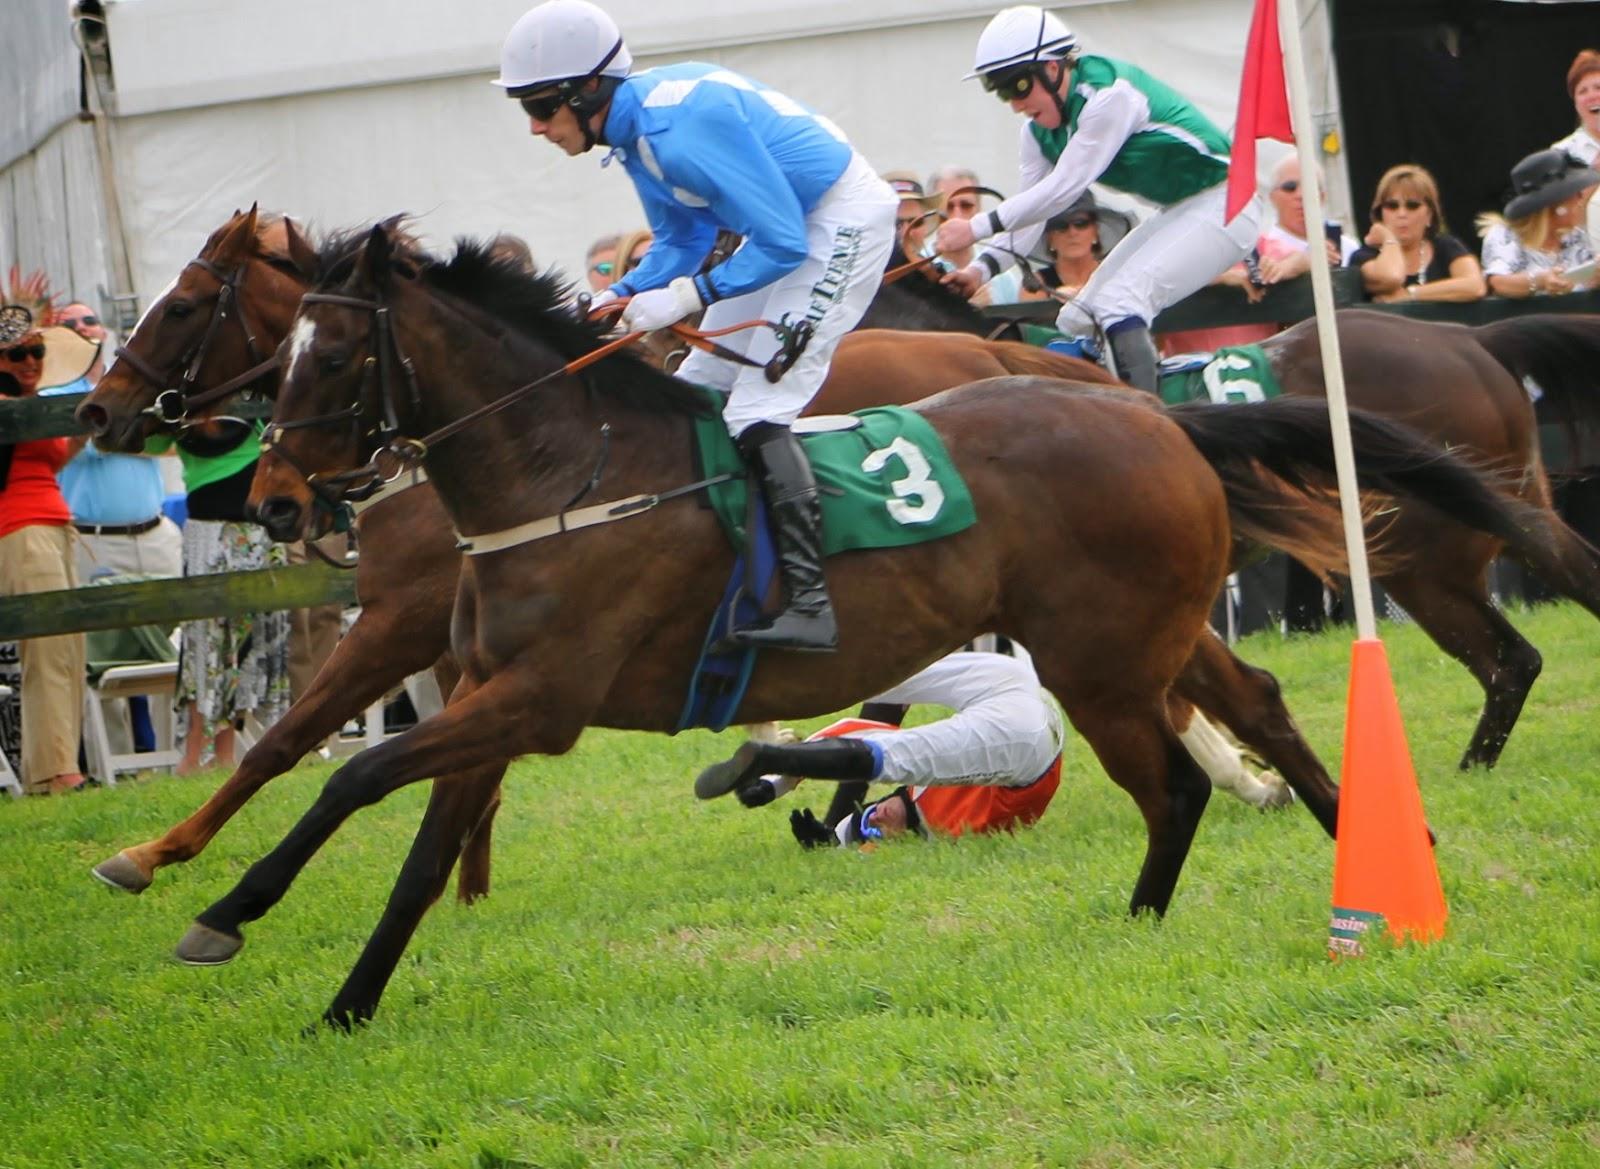 equestrian, horses